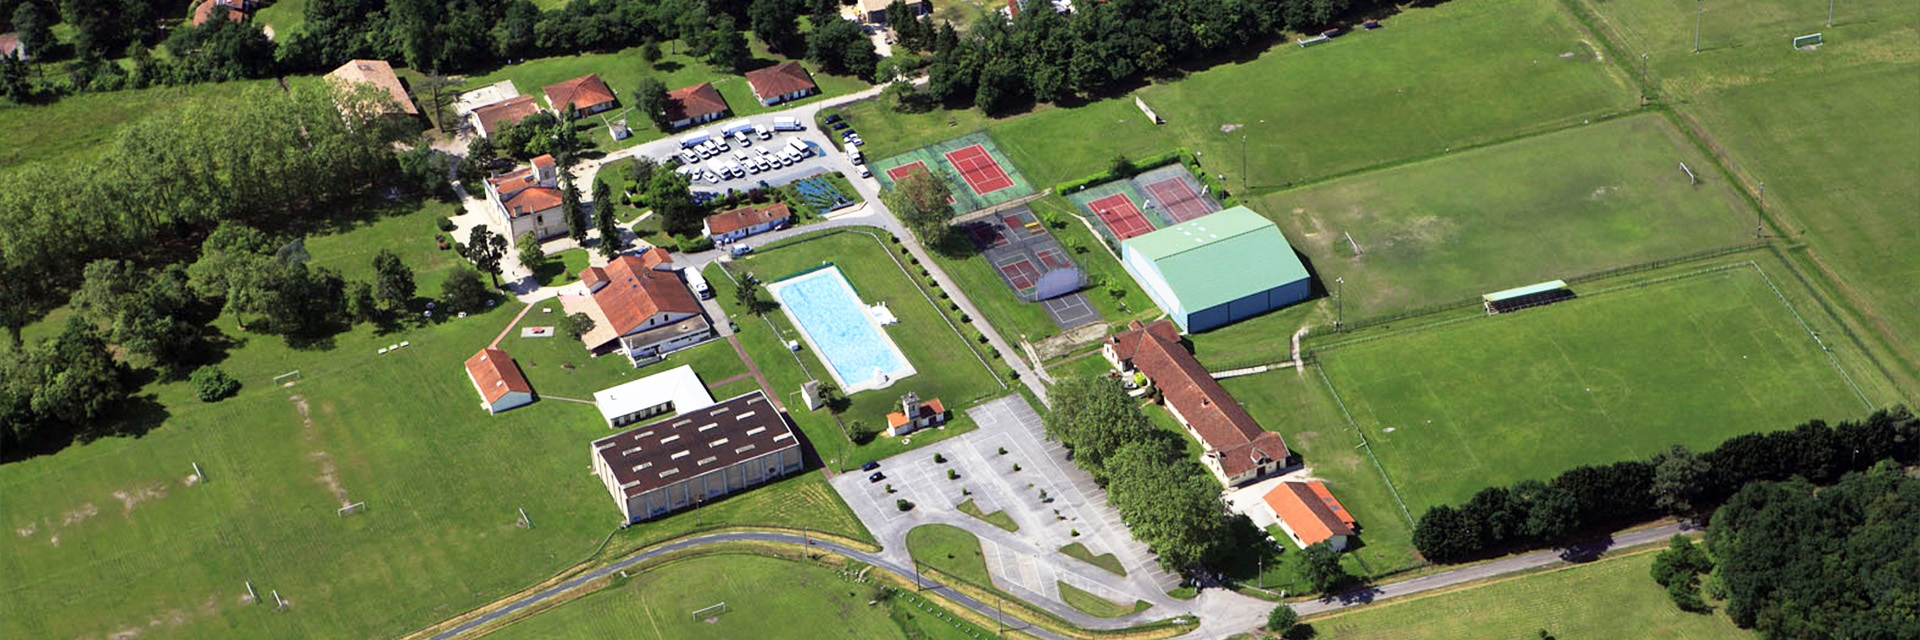 Village_club_vacances_aveyron-cantal-ardèche-chataigneraie-arien